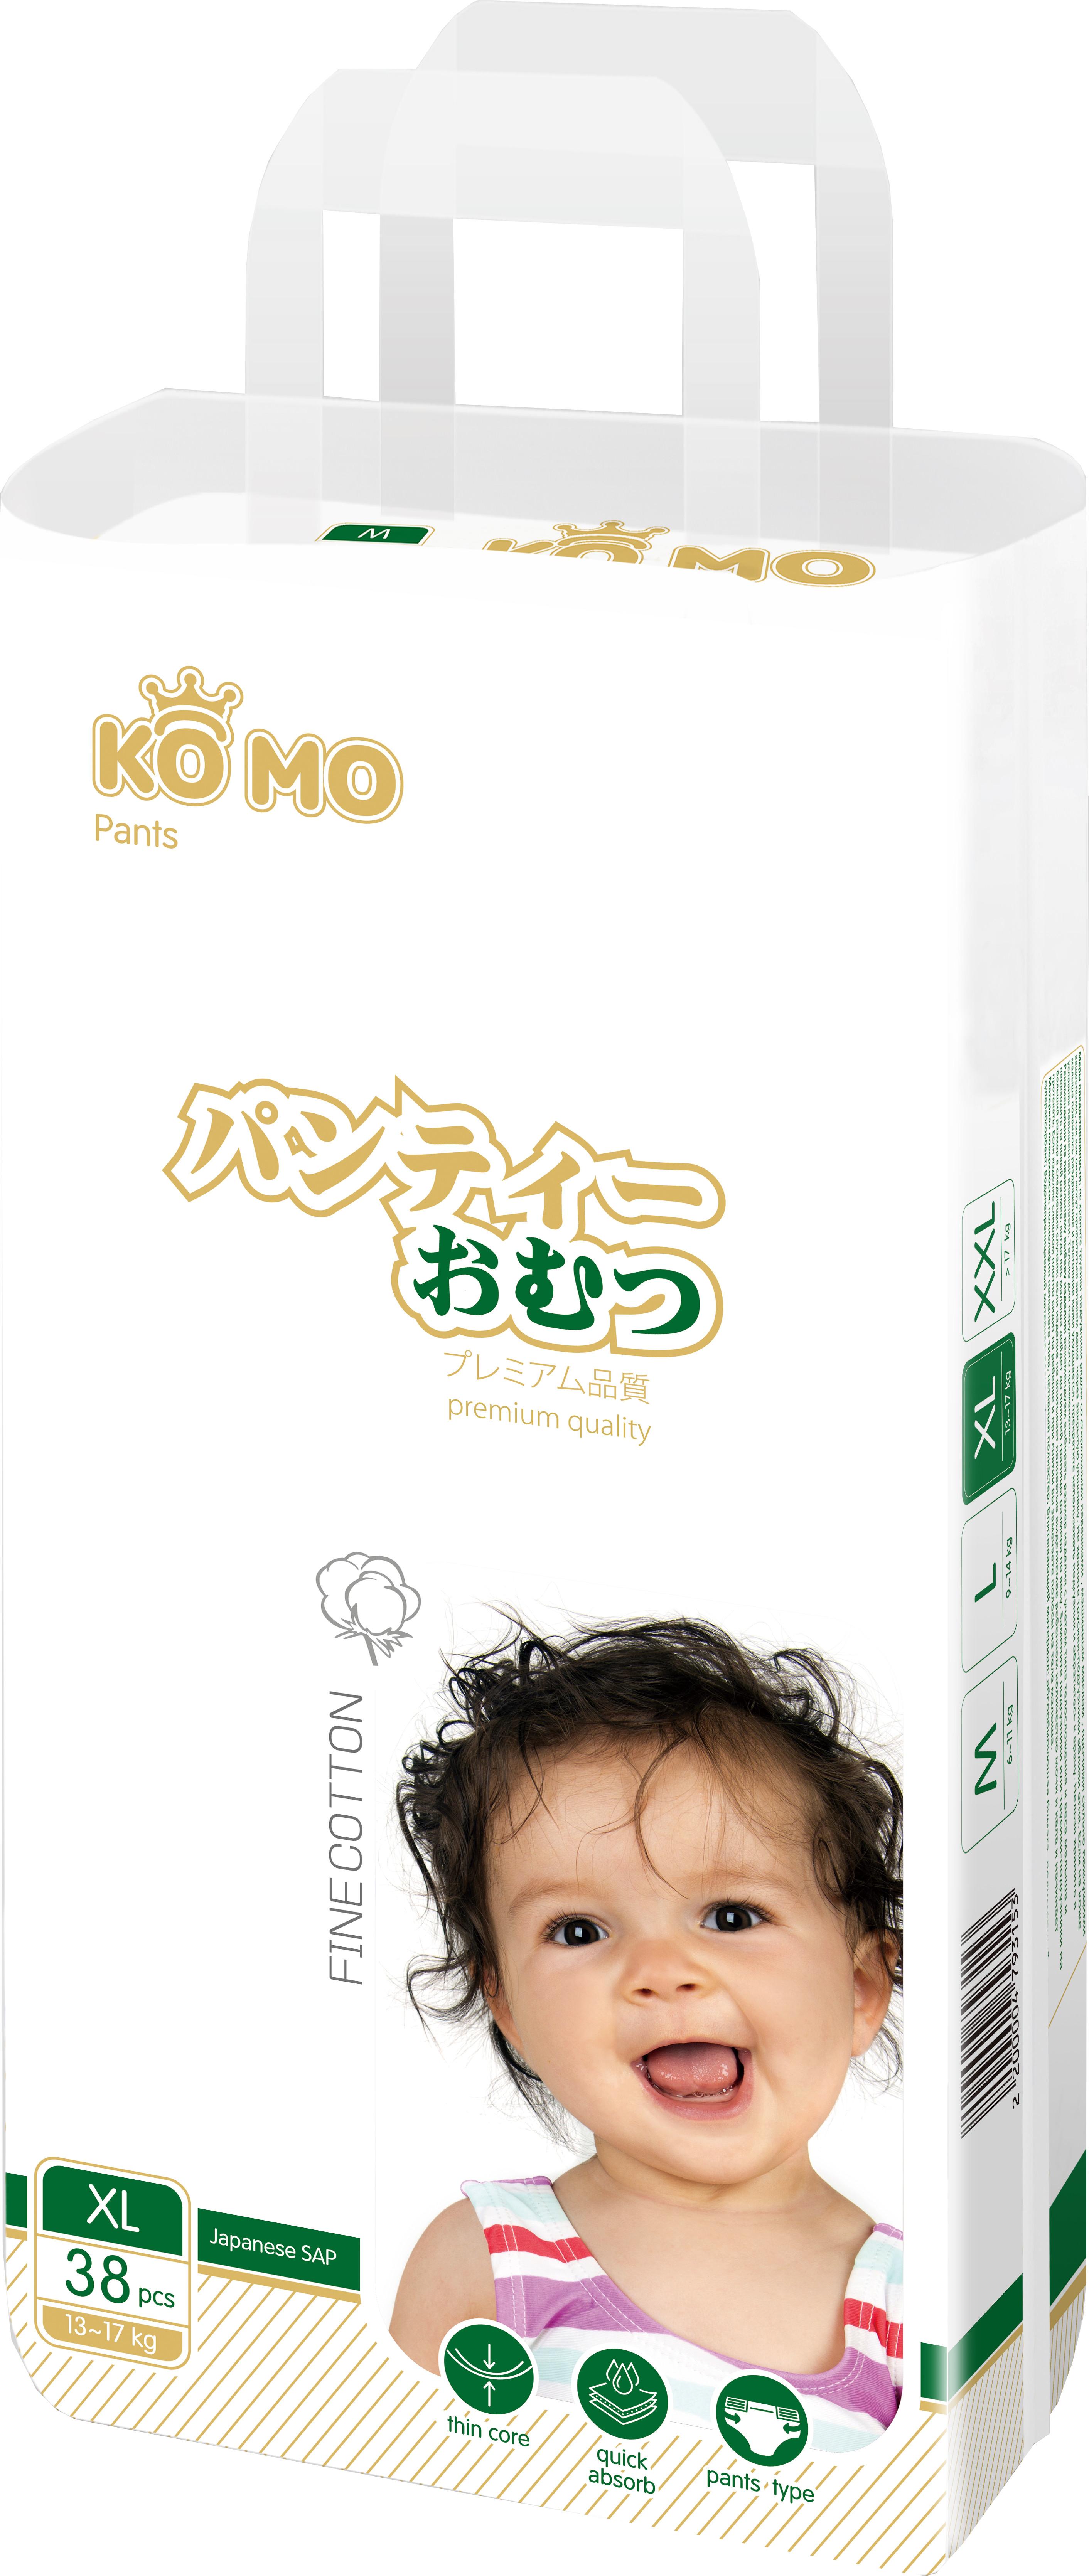 Купить Premium Quality, Трусики-подгузники Ko Mo XL 13-17 кг 38 шт., Подгузники-трусики